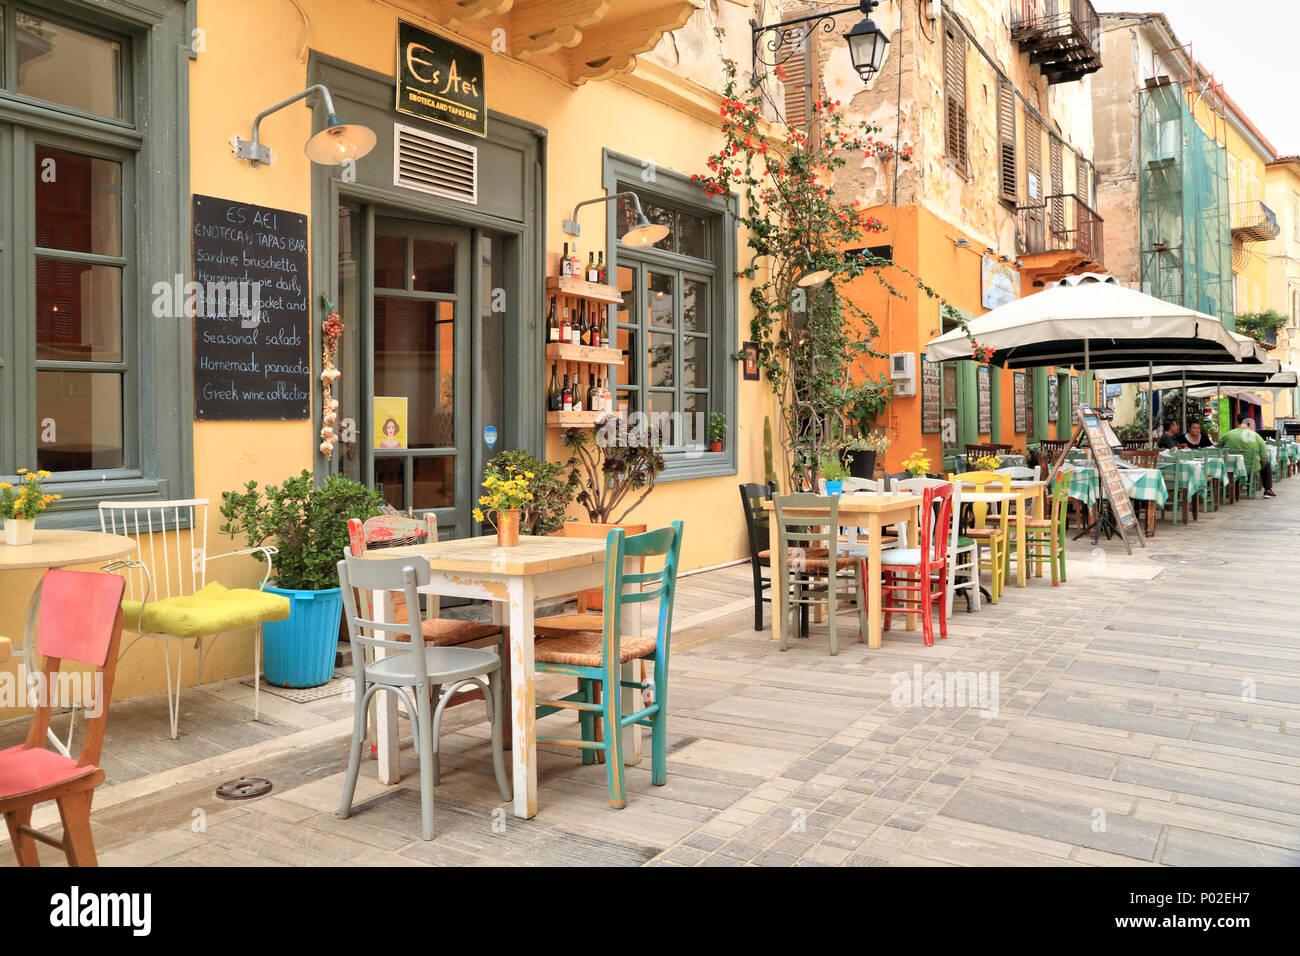 Caffè greco bar, 'Es Aei', enoteca e tapas bar e colorati di Nafplio wine bar, Grecia Foto Stock